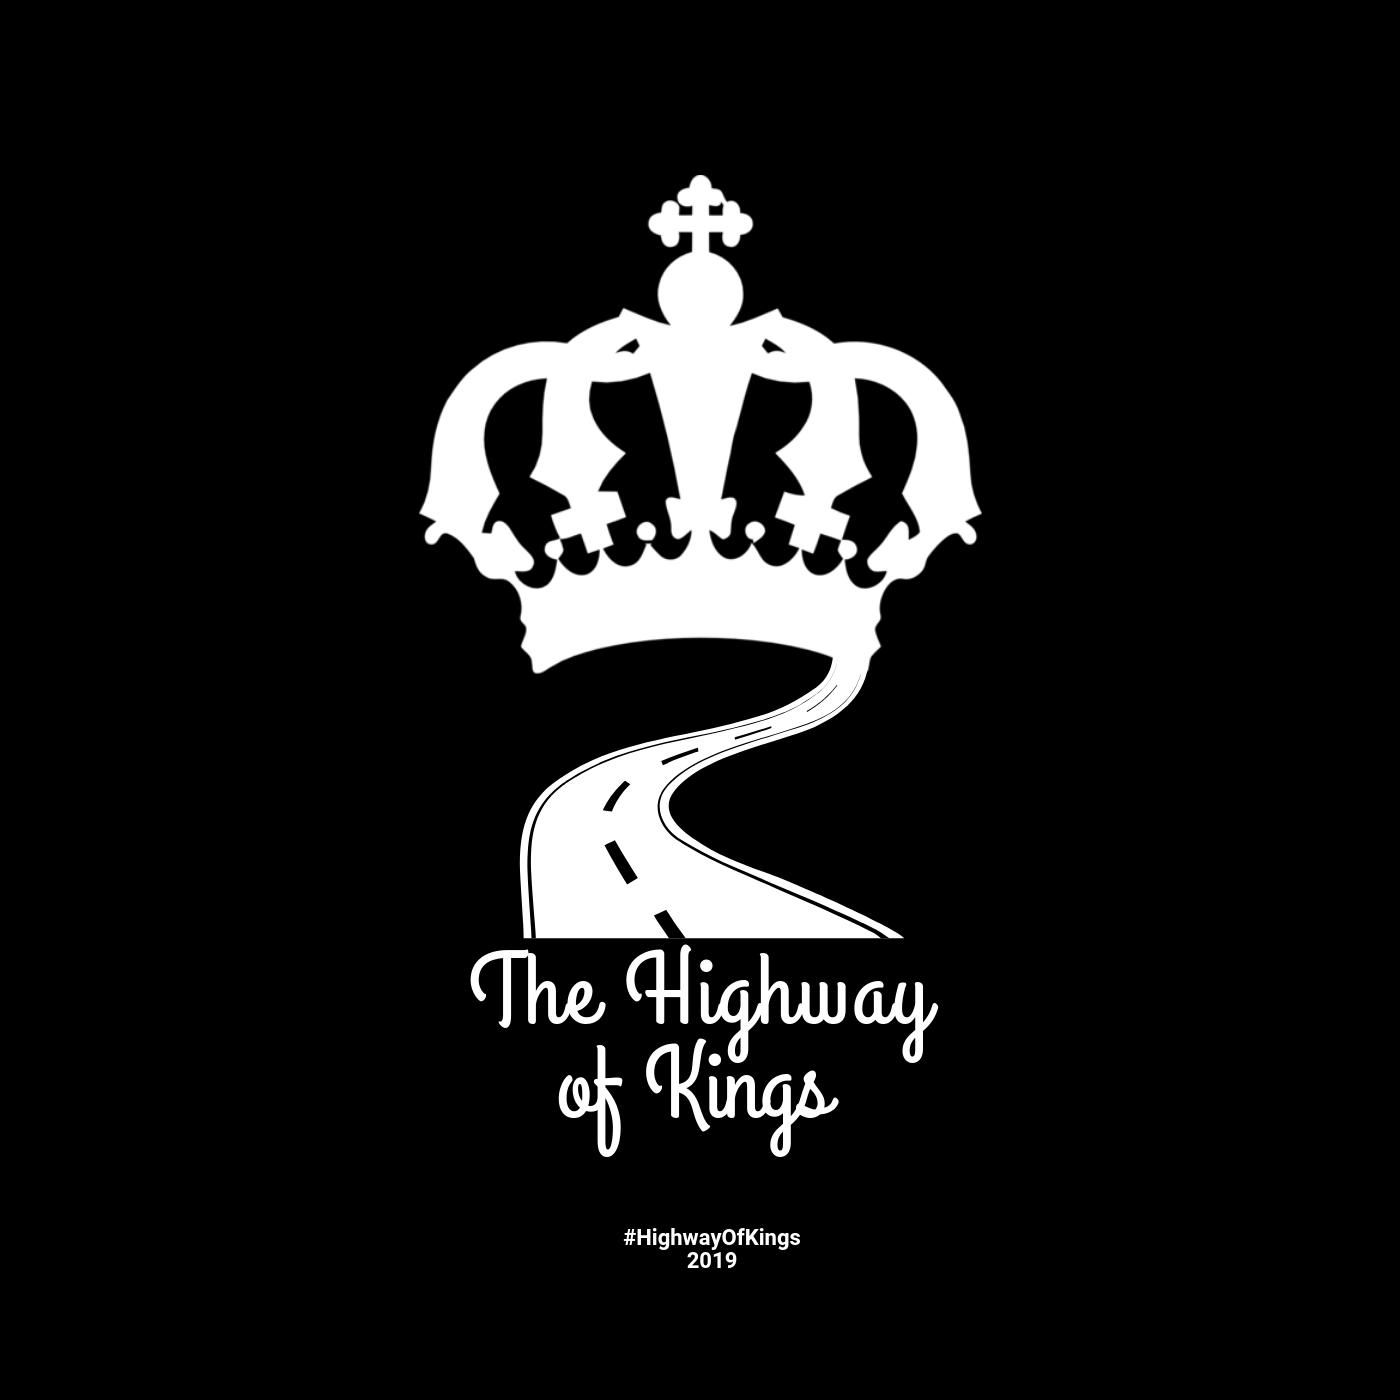 The Highway of Kings BLACK (1).png